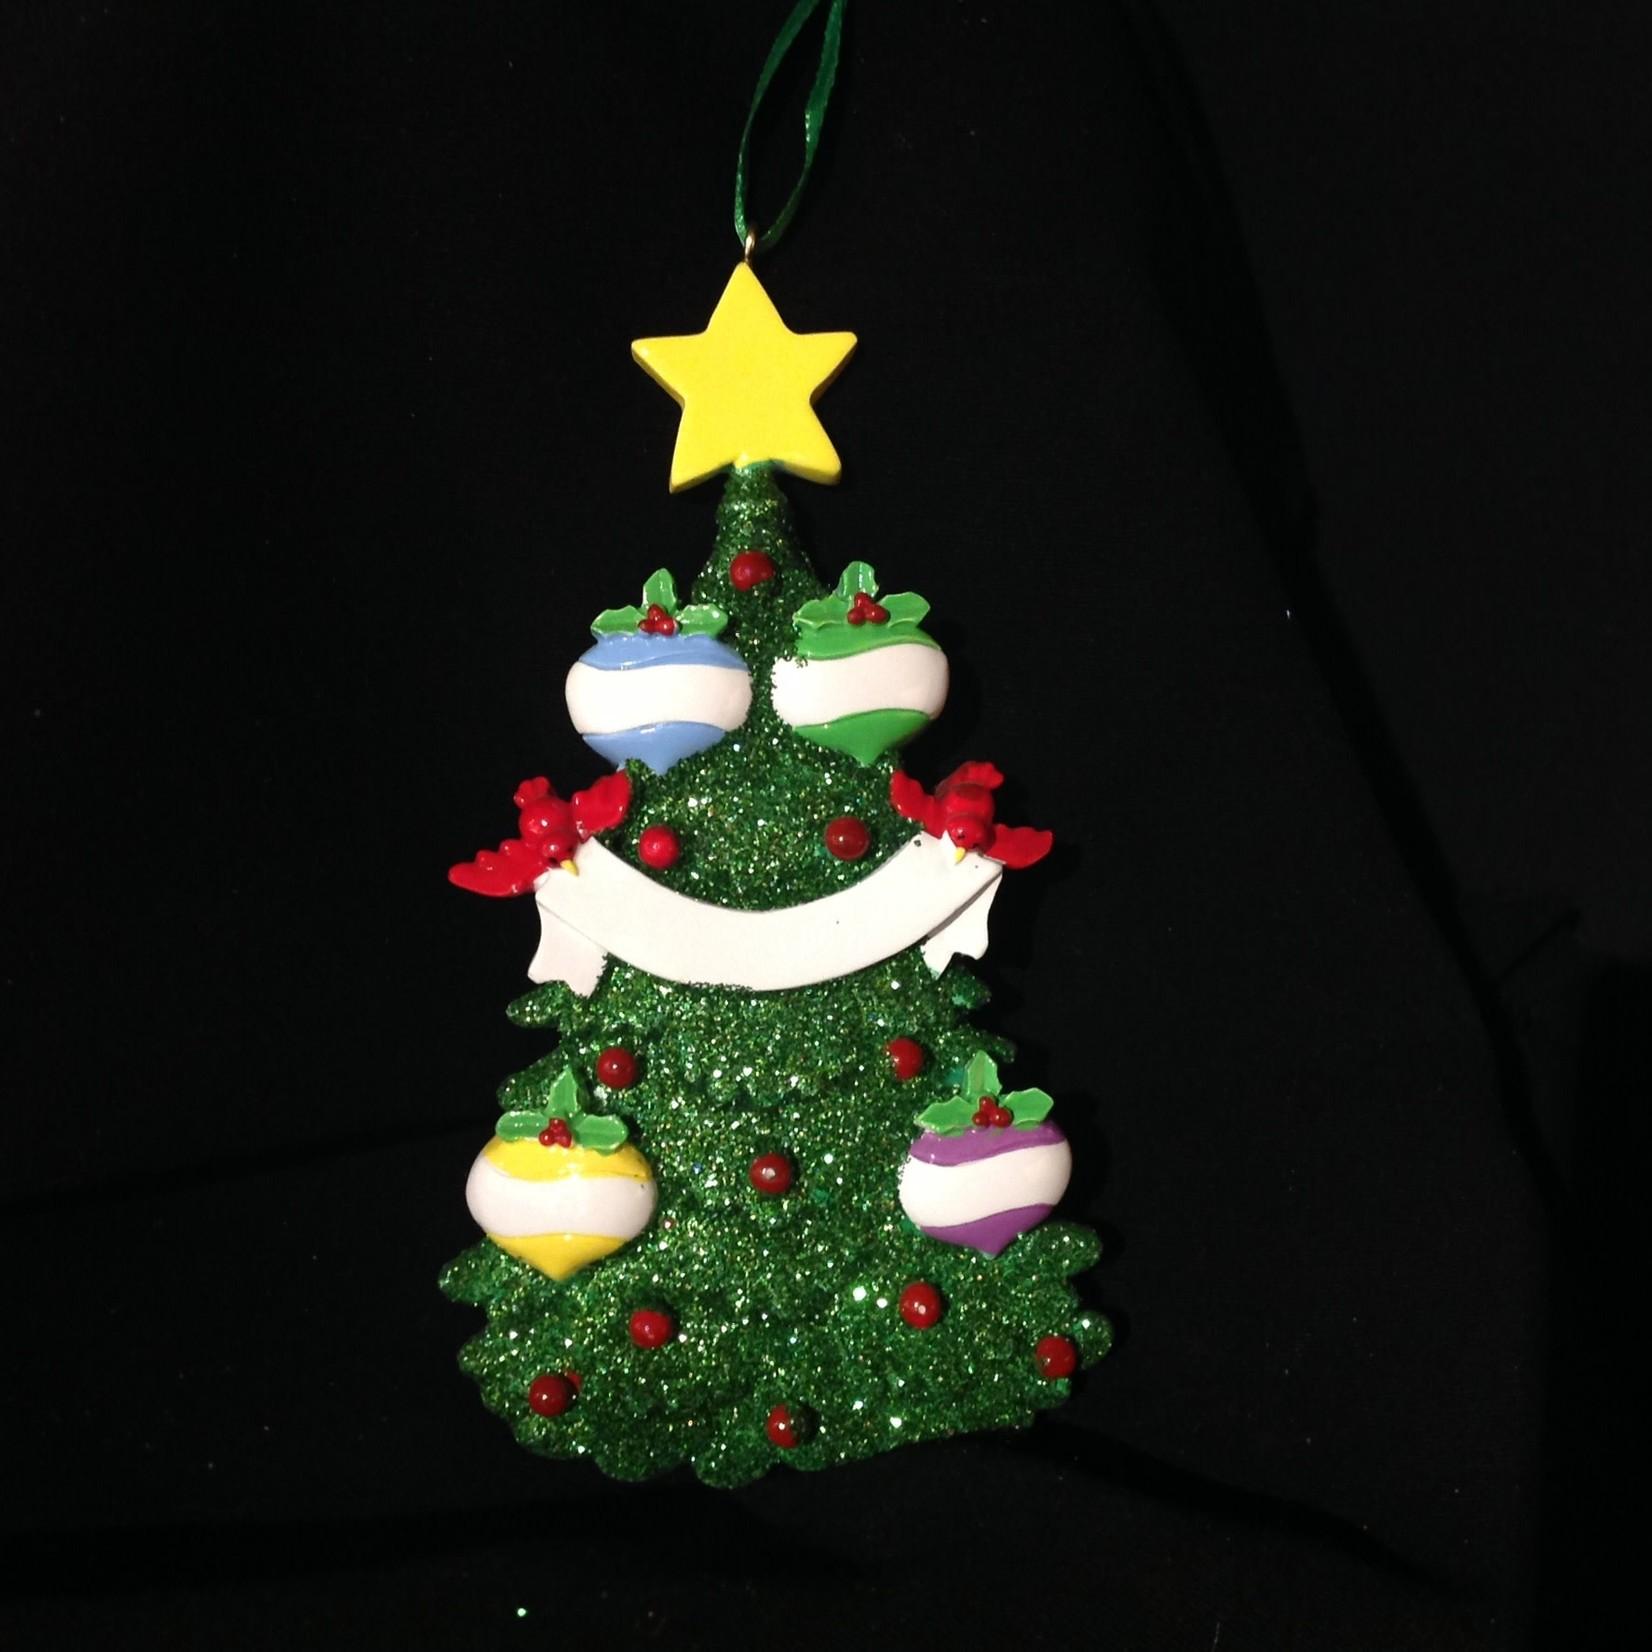 Green Tree - 4 Ornament